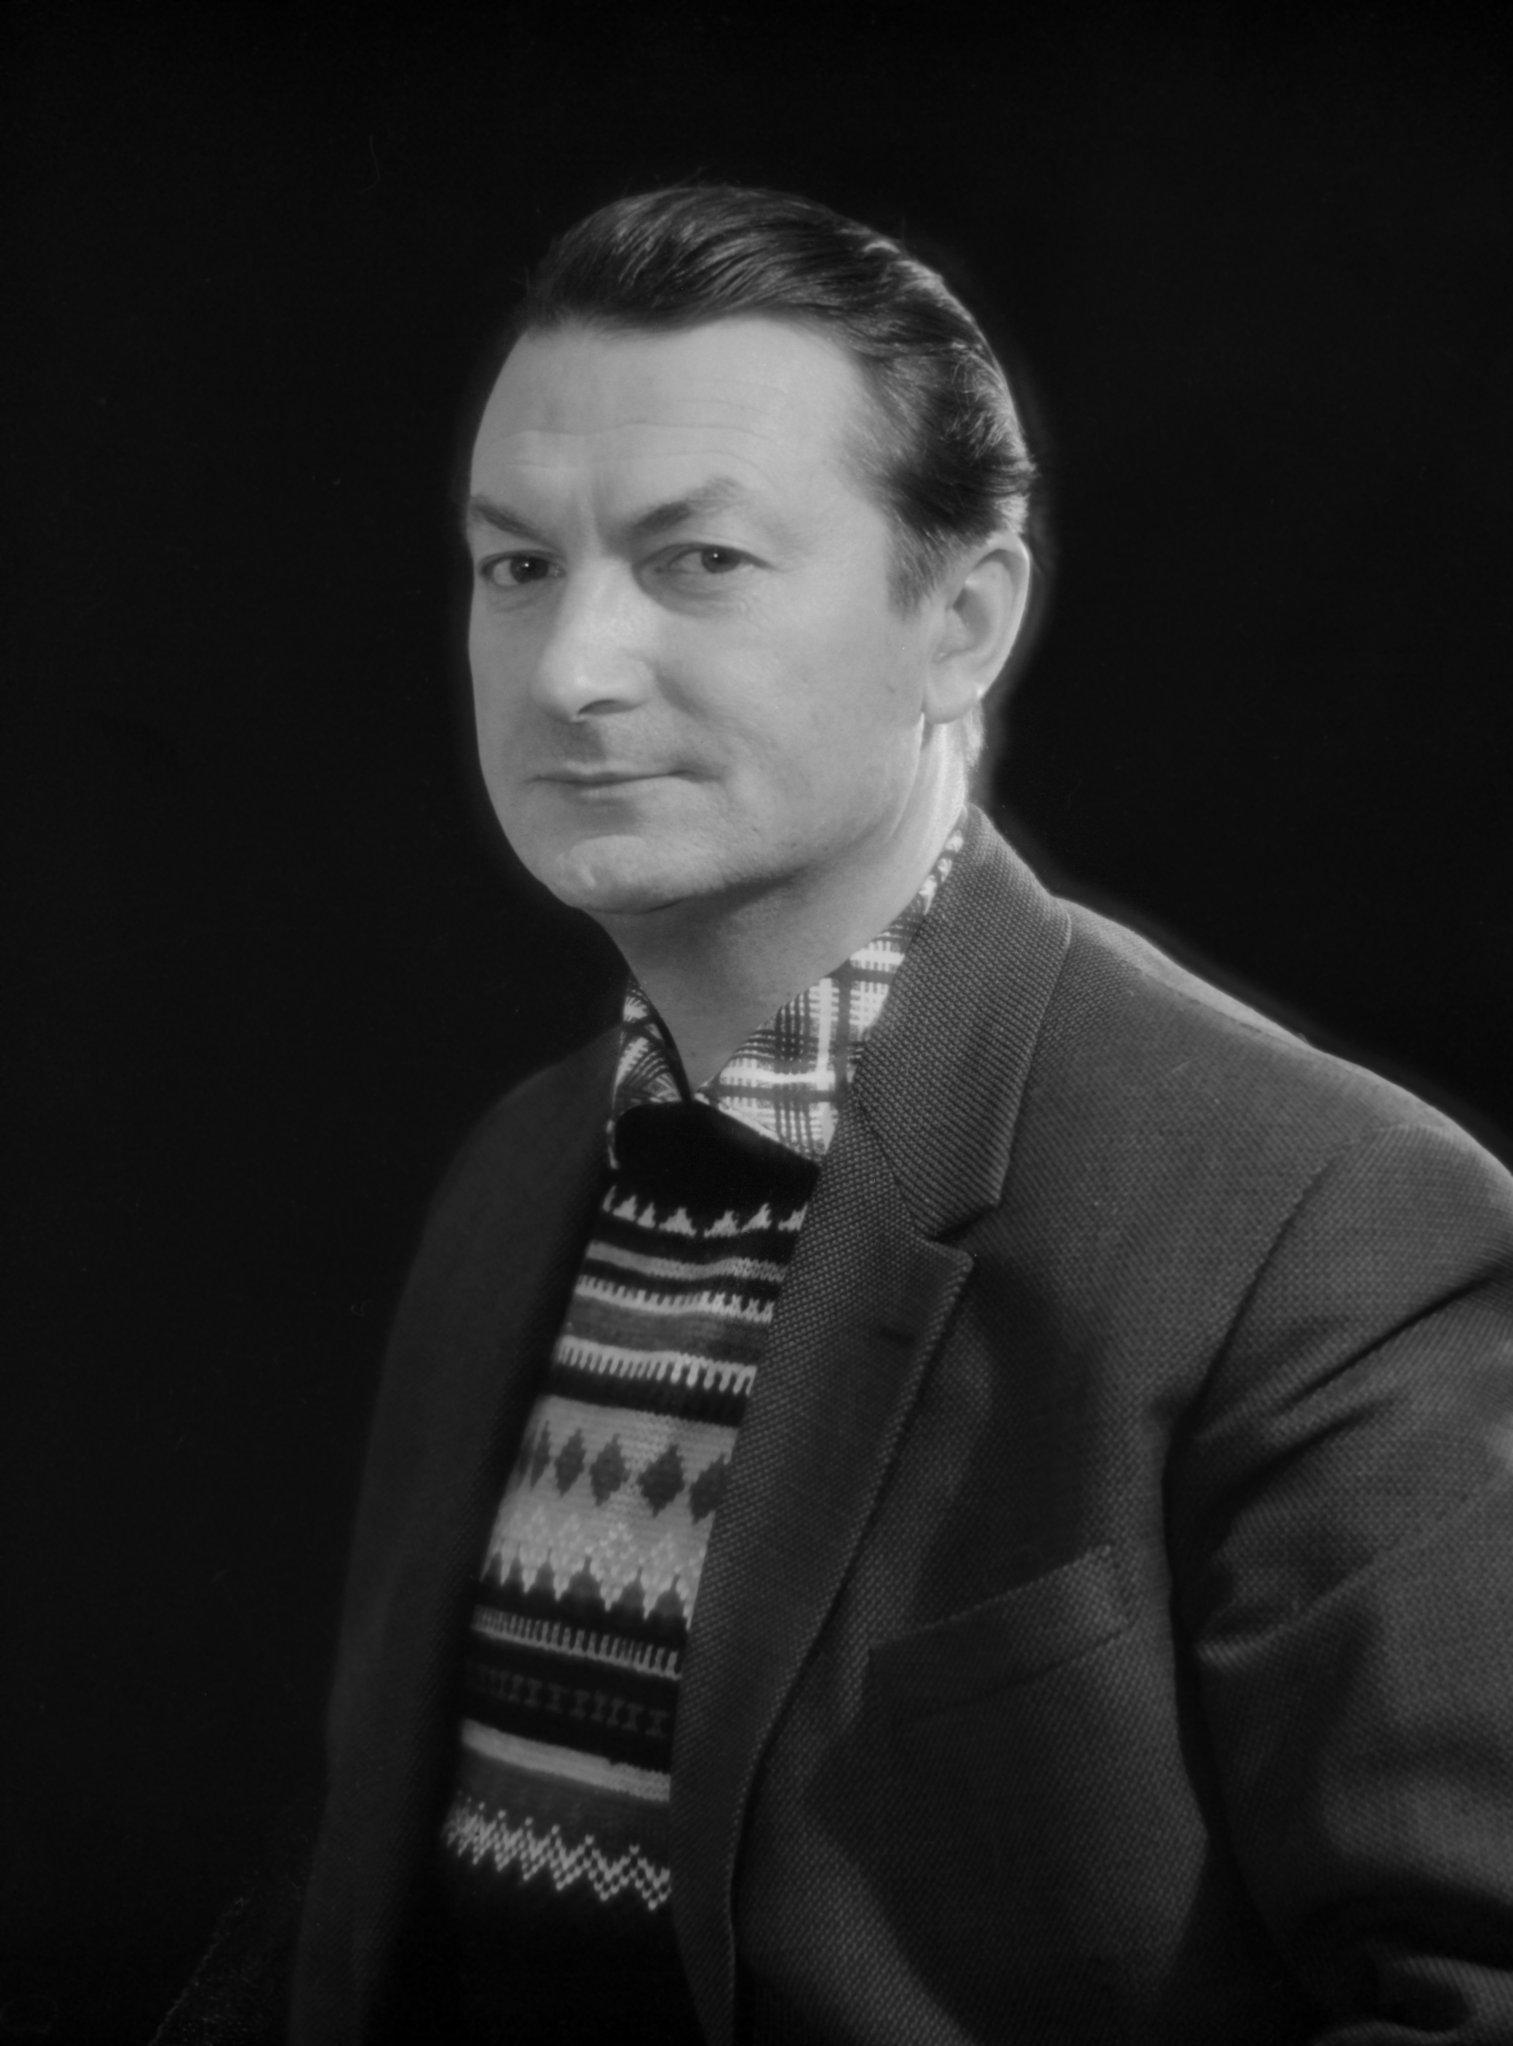 Георгий Михайлович Вицин (1917-2001), актер Московского драматического театра имени М.Н.Ермоловой, заслуженный артист РСФСР